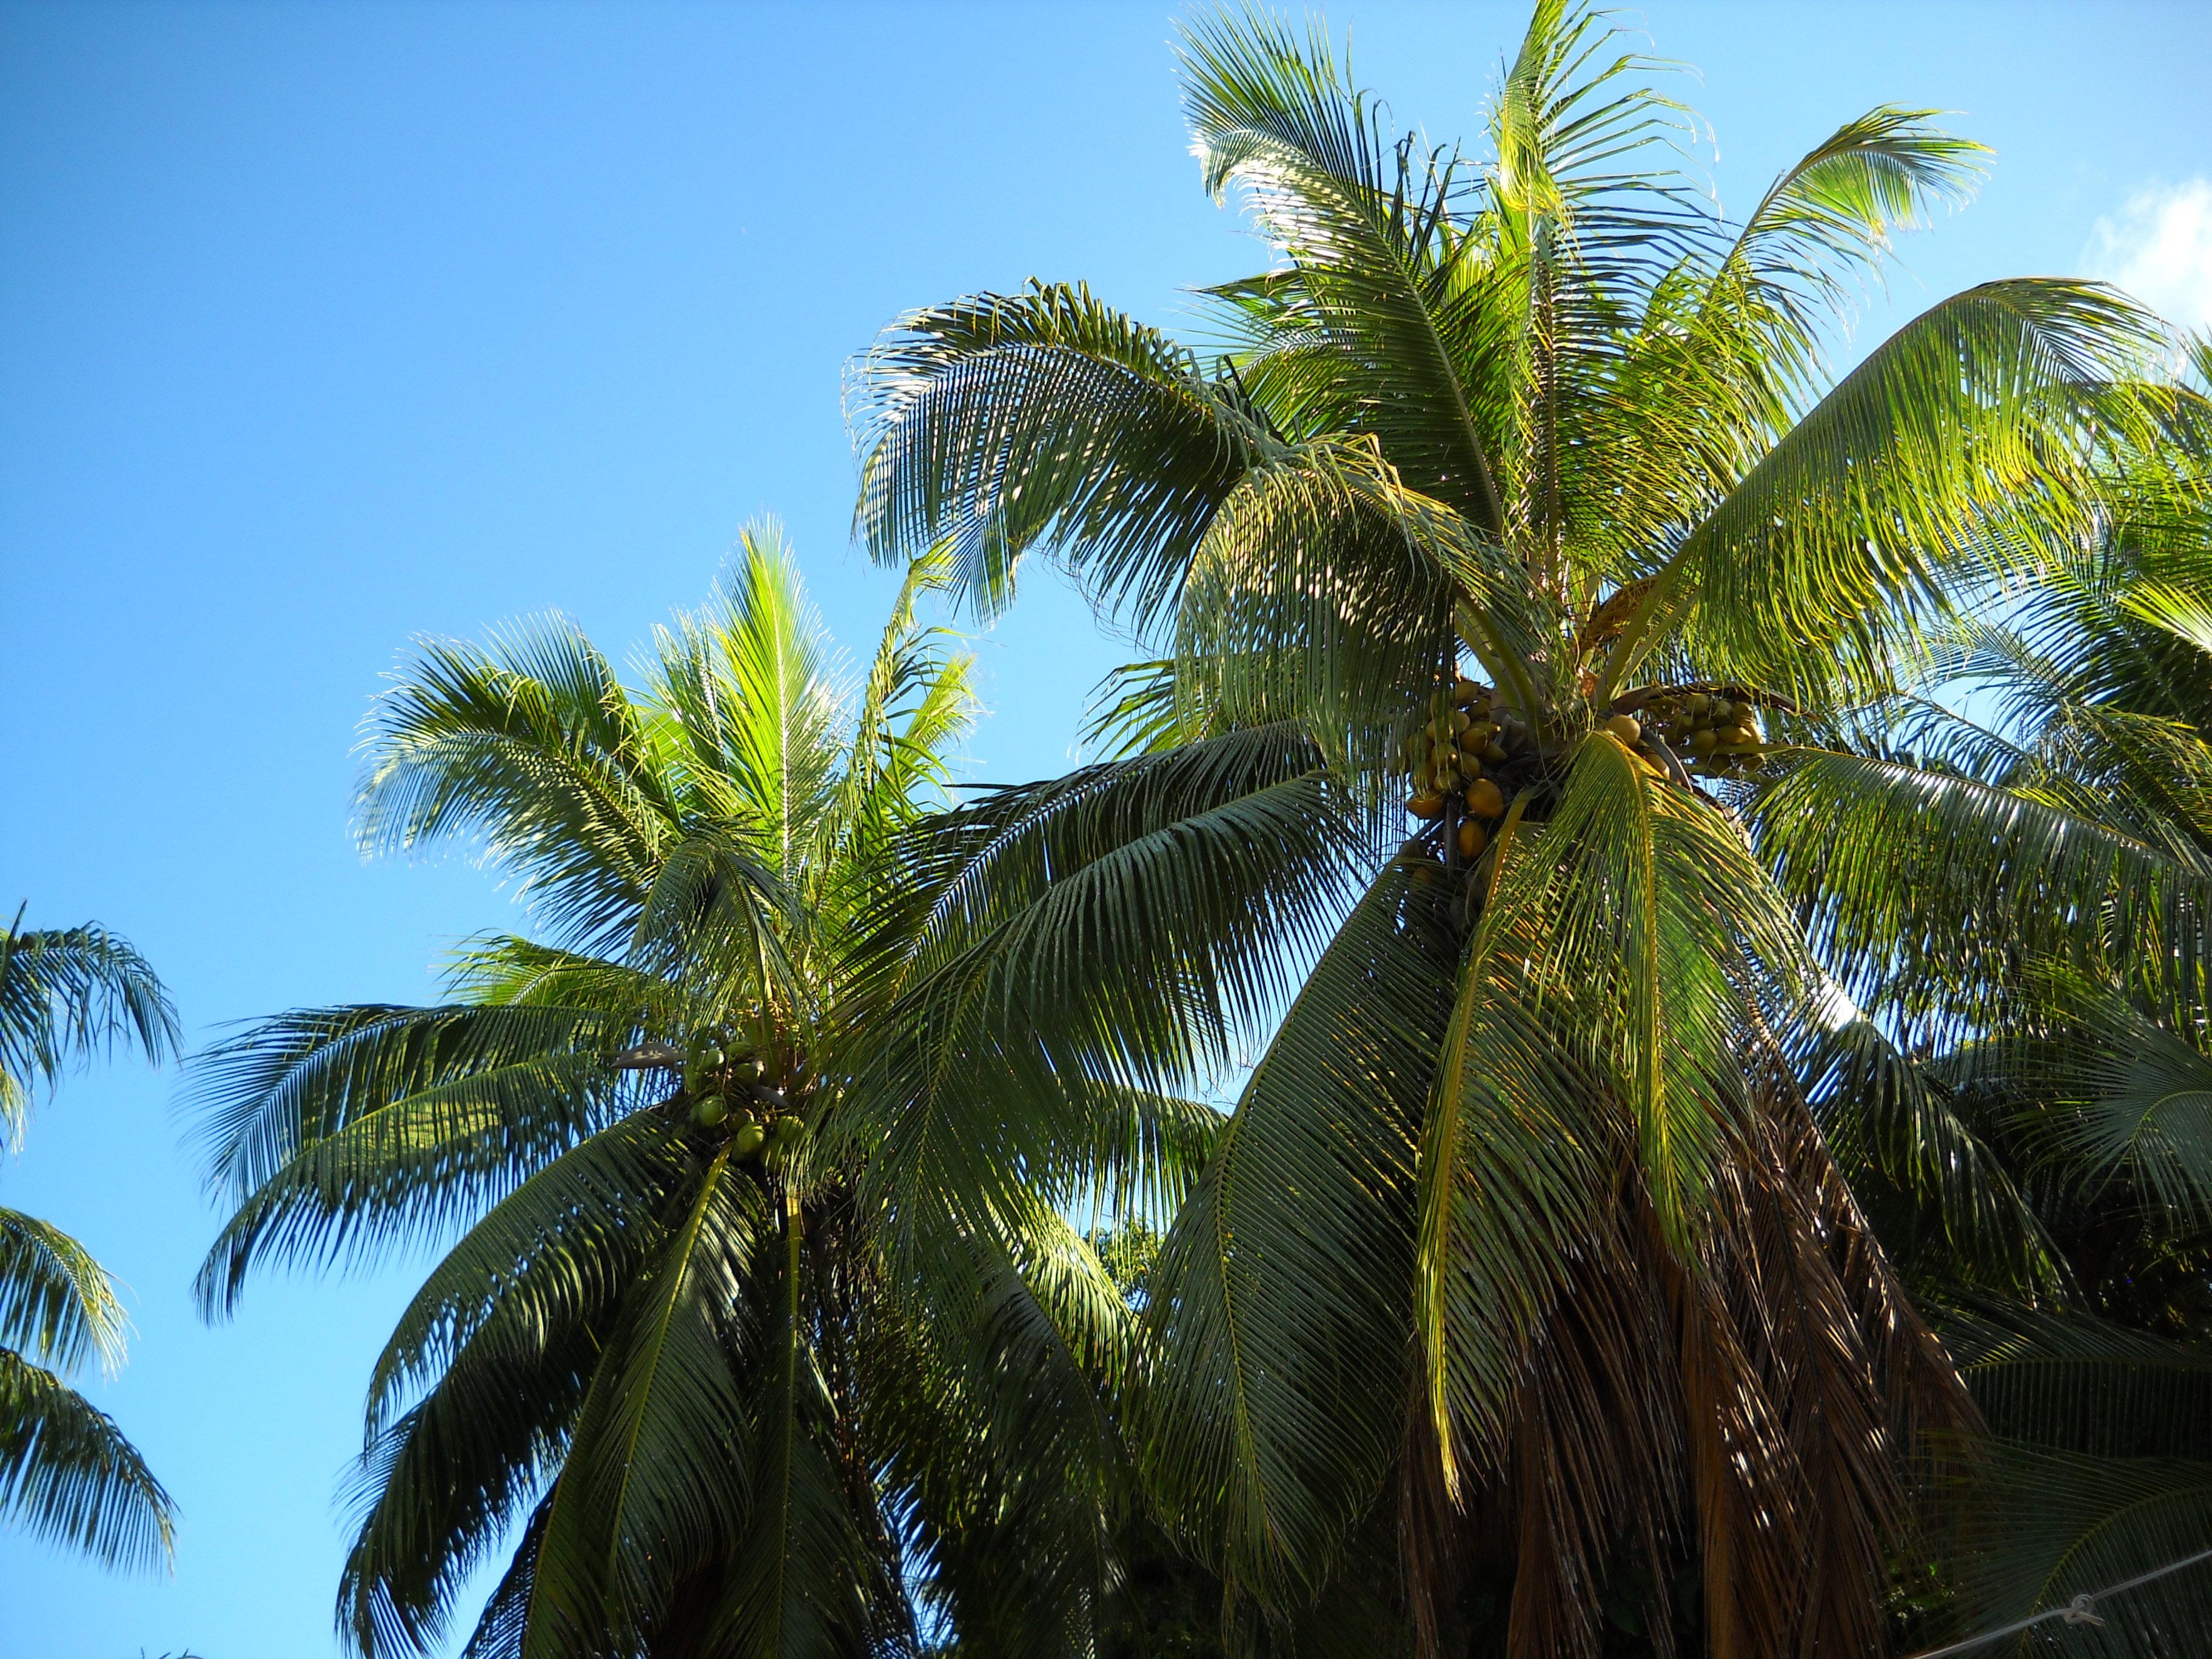 tropicalvanuatu